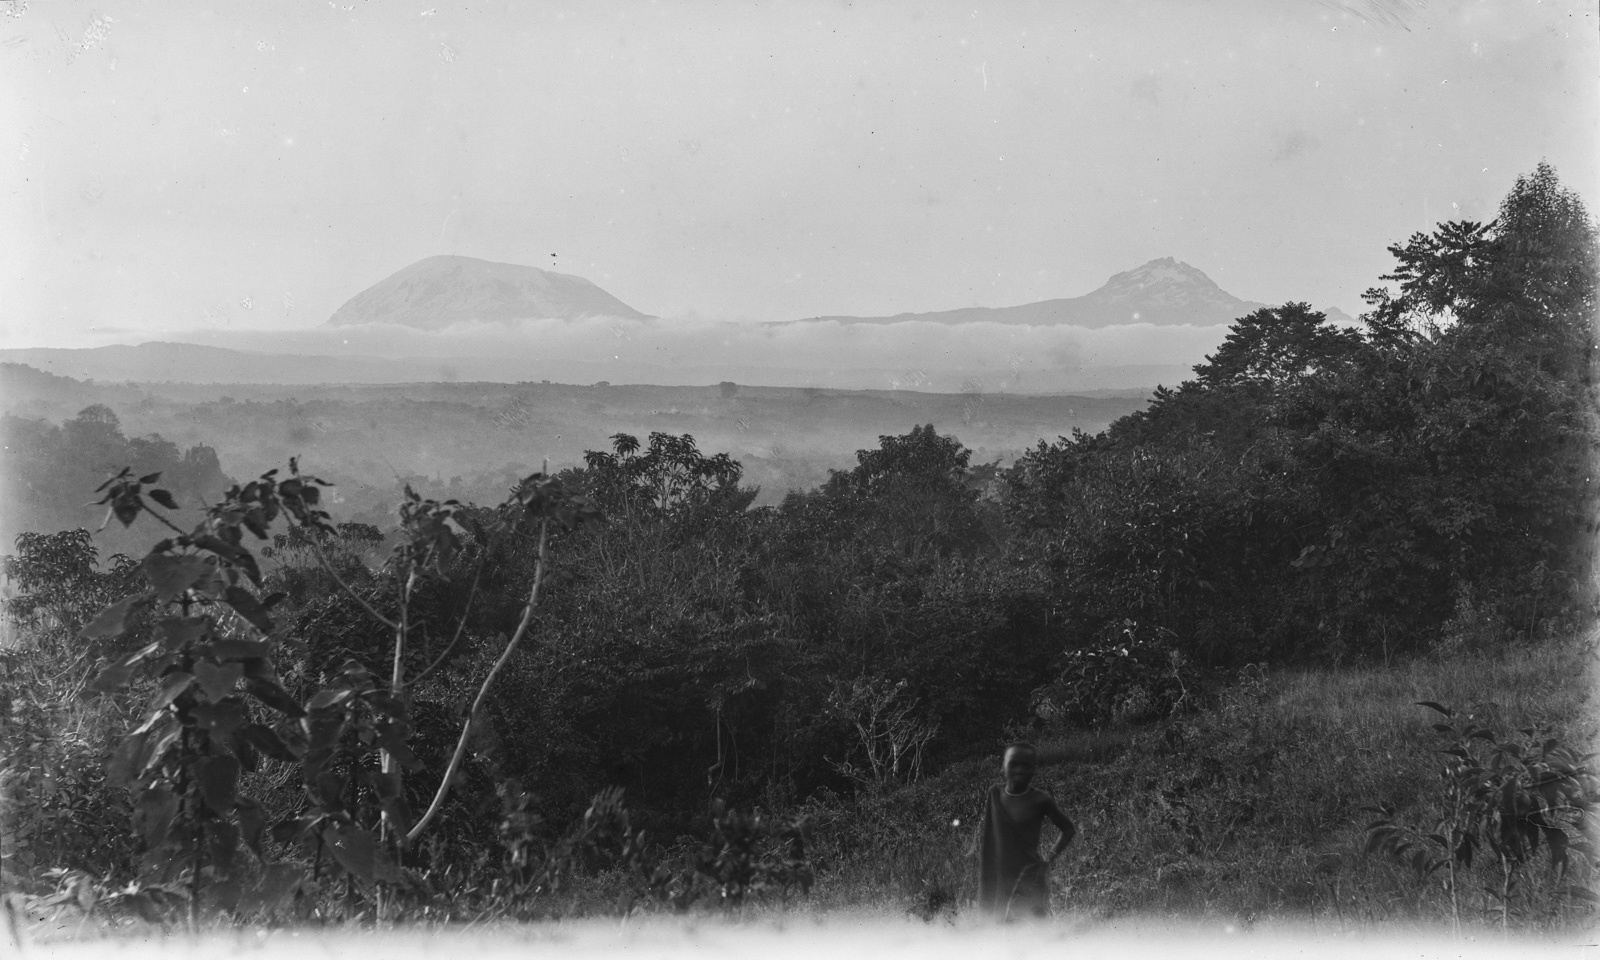 97. Вид на Килиманджаро в облаках